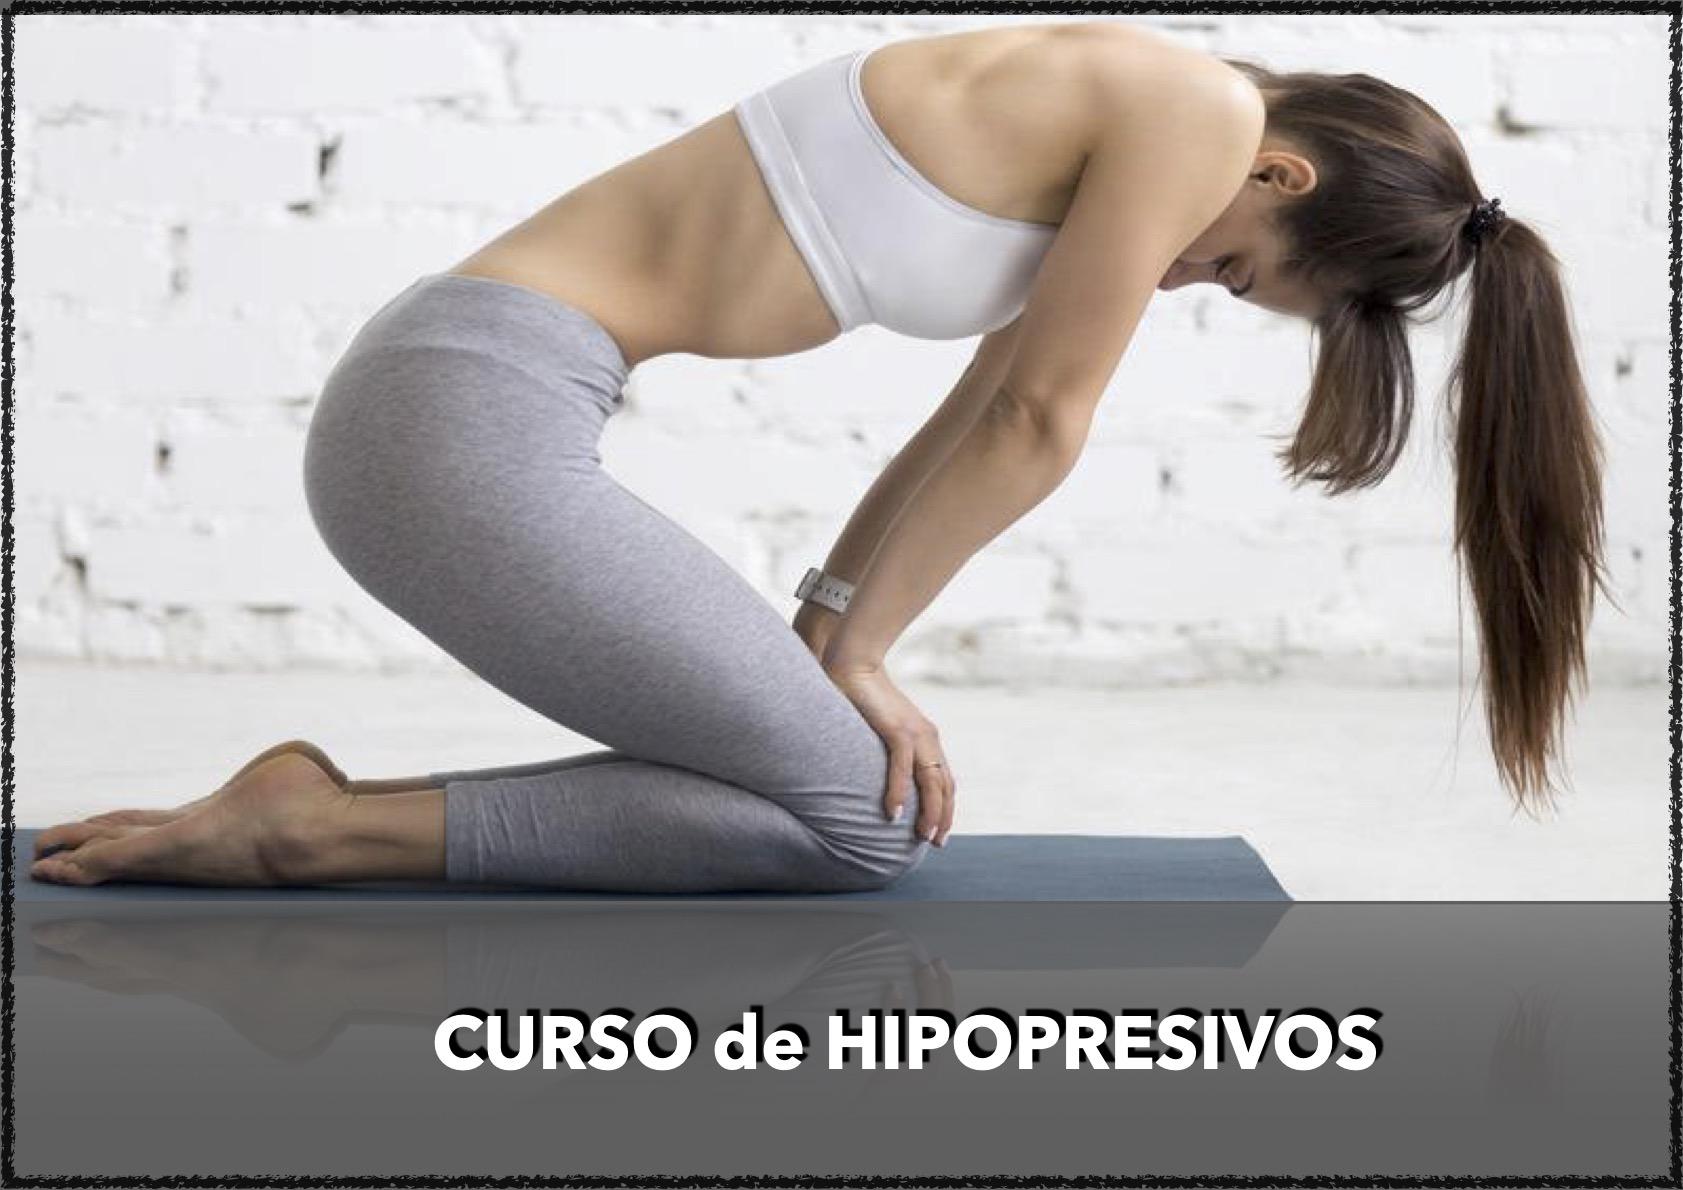 CURSO DE HIPOPRESIVOS